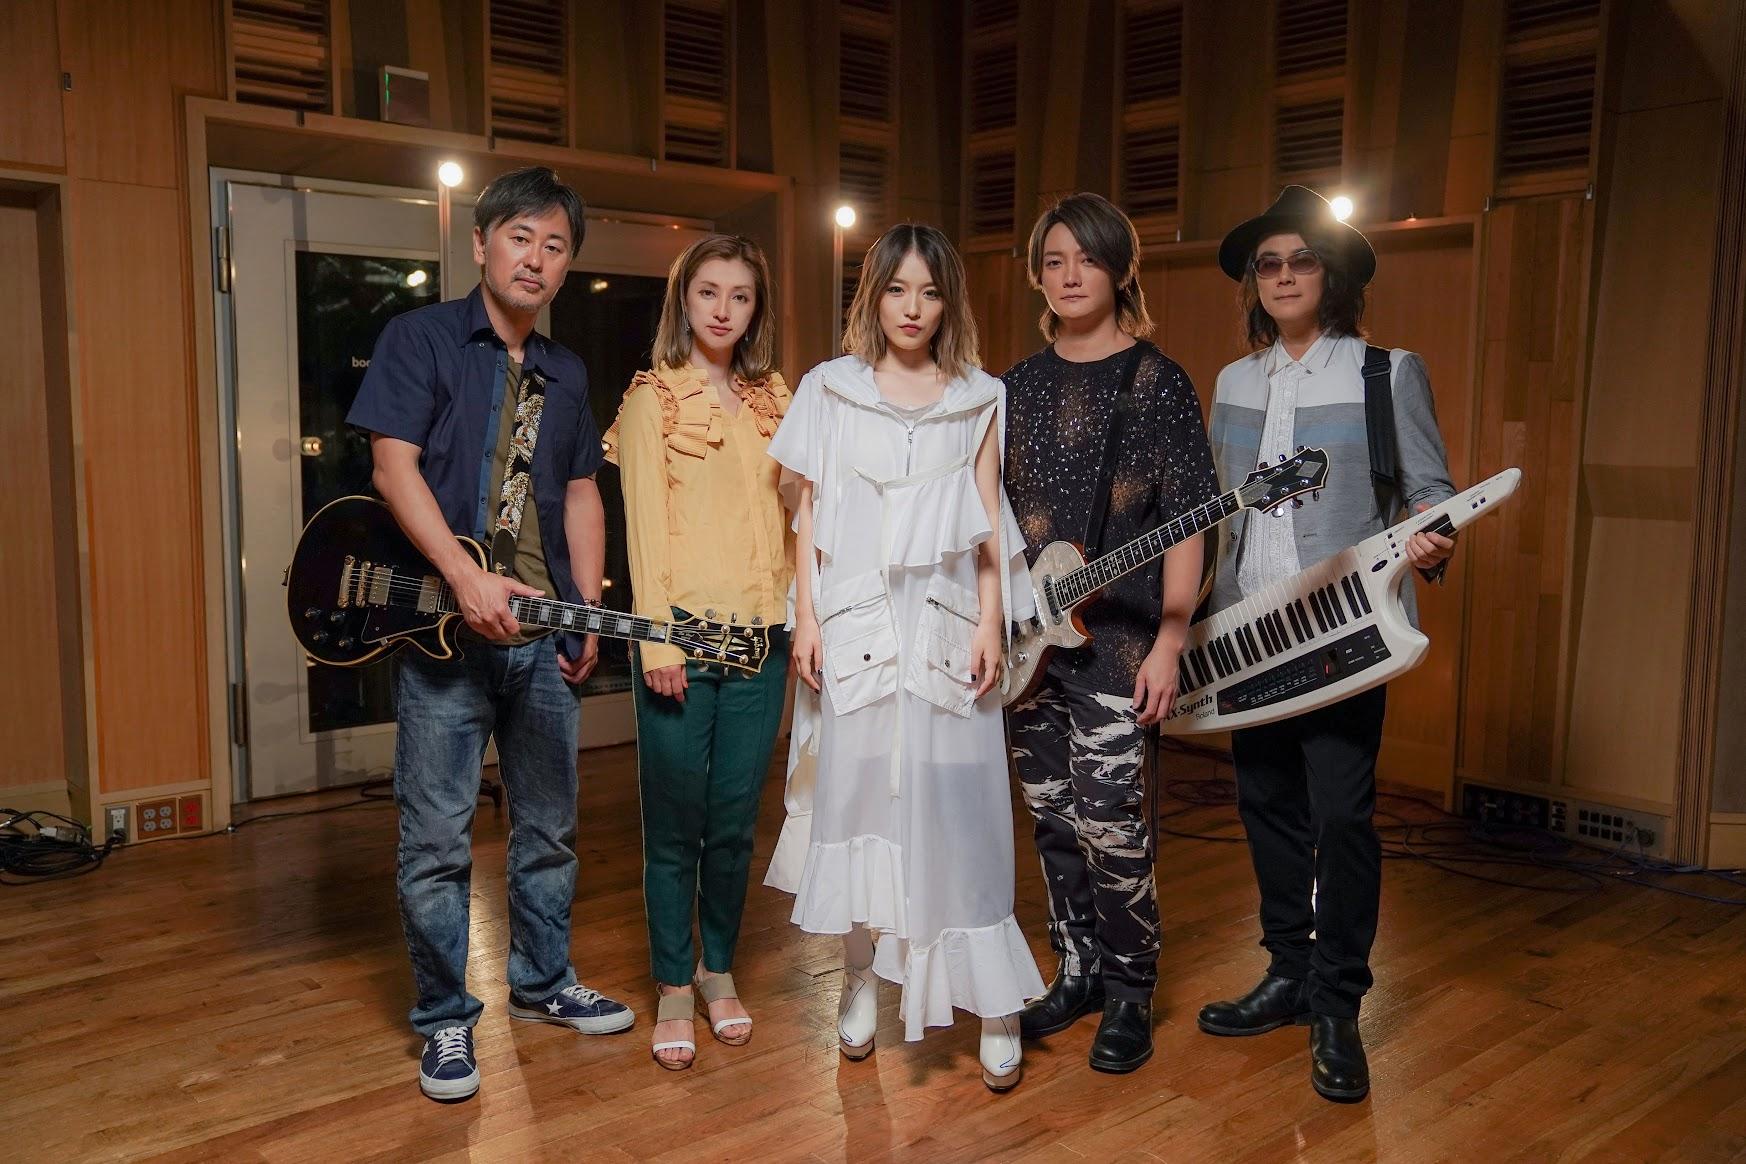 [迷迷音樂] F.I.R. 攜手 大無限樂團 打造亞洲樂壇年度最受矚目跨國合作曲《無限青春》